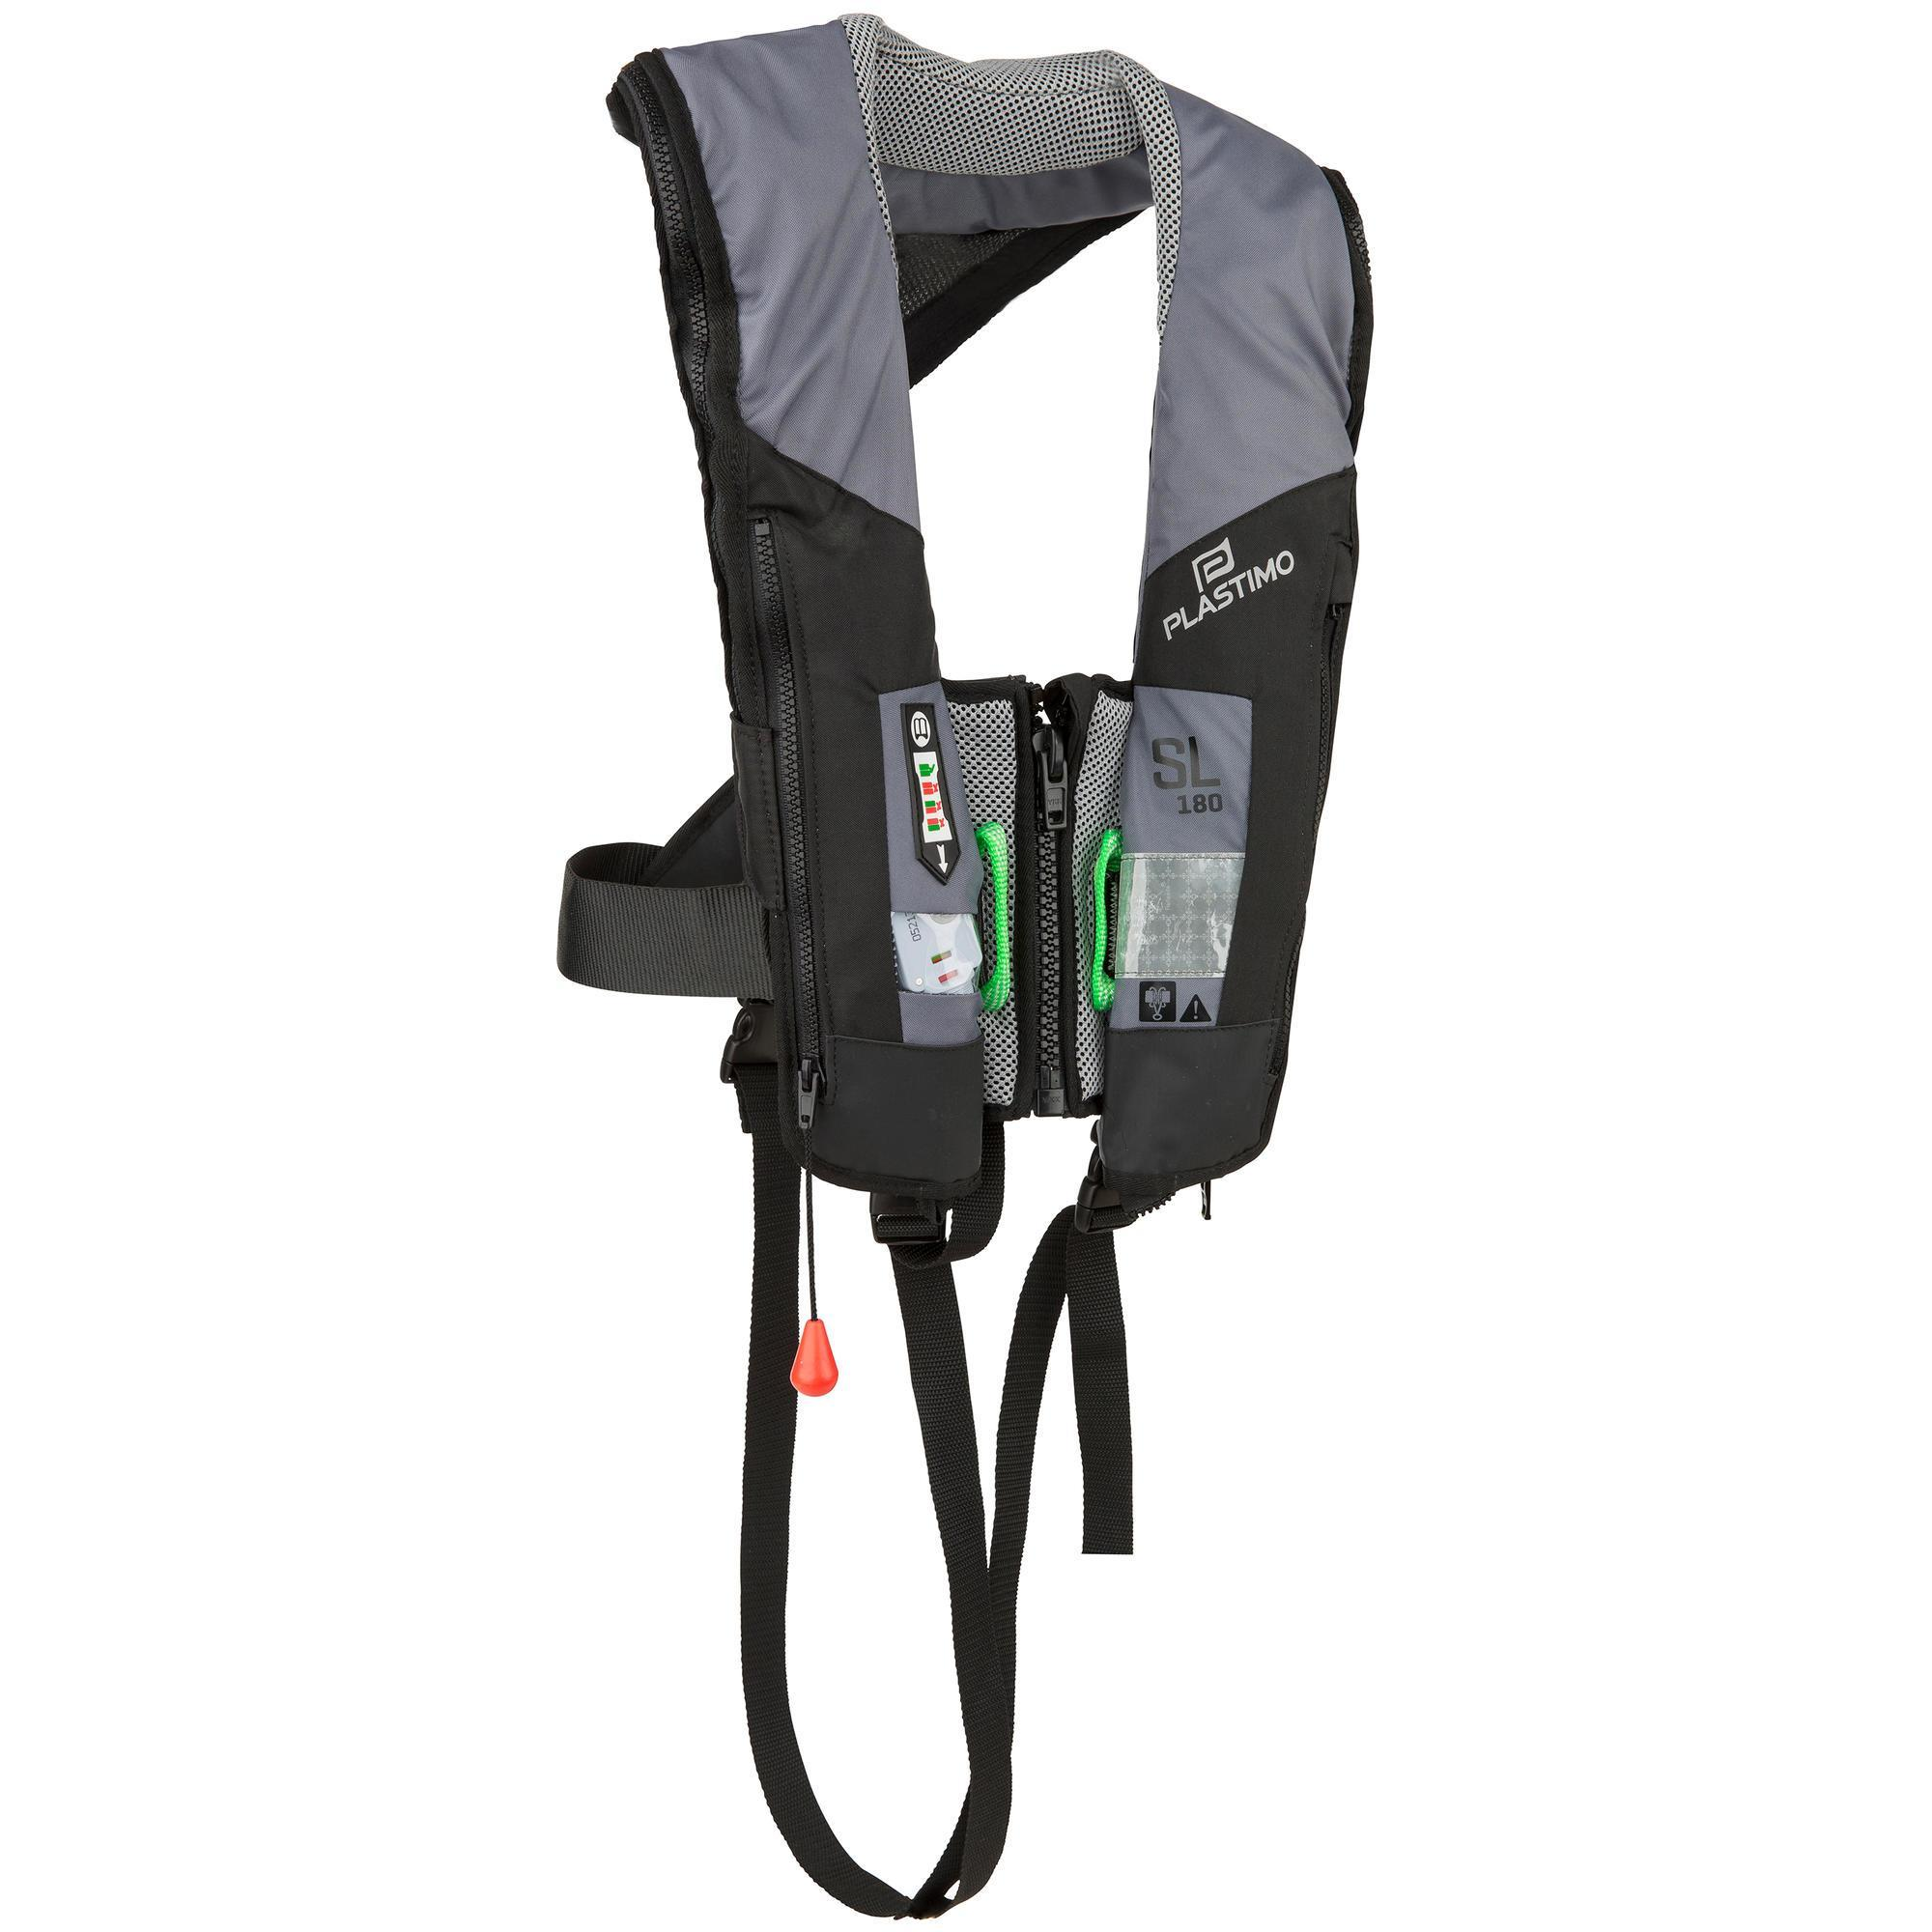 Rettungsweste Segeln automatisch aufblasbar SL180 + Gurtsystem Erwachsene | Sportbekleidung > Sportwesten | Co | Plastimo